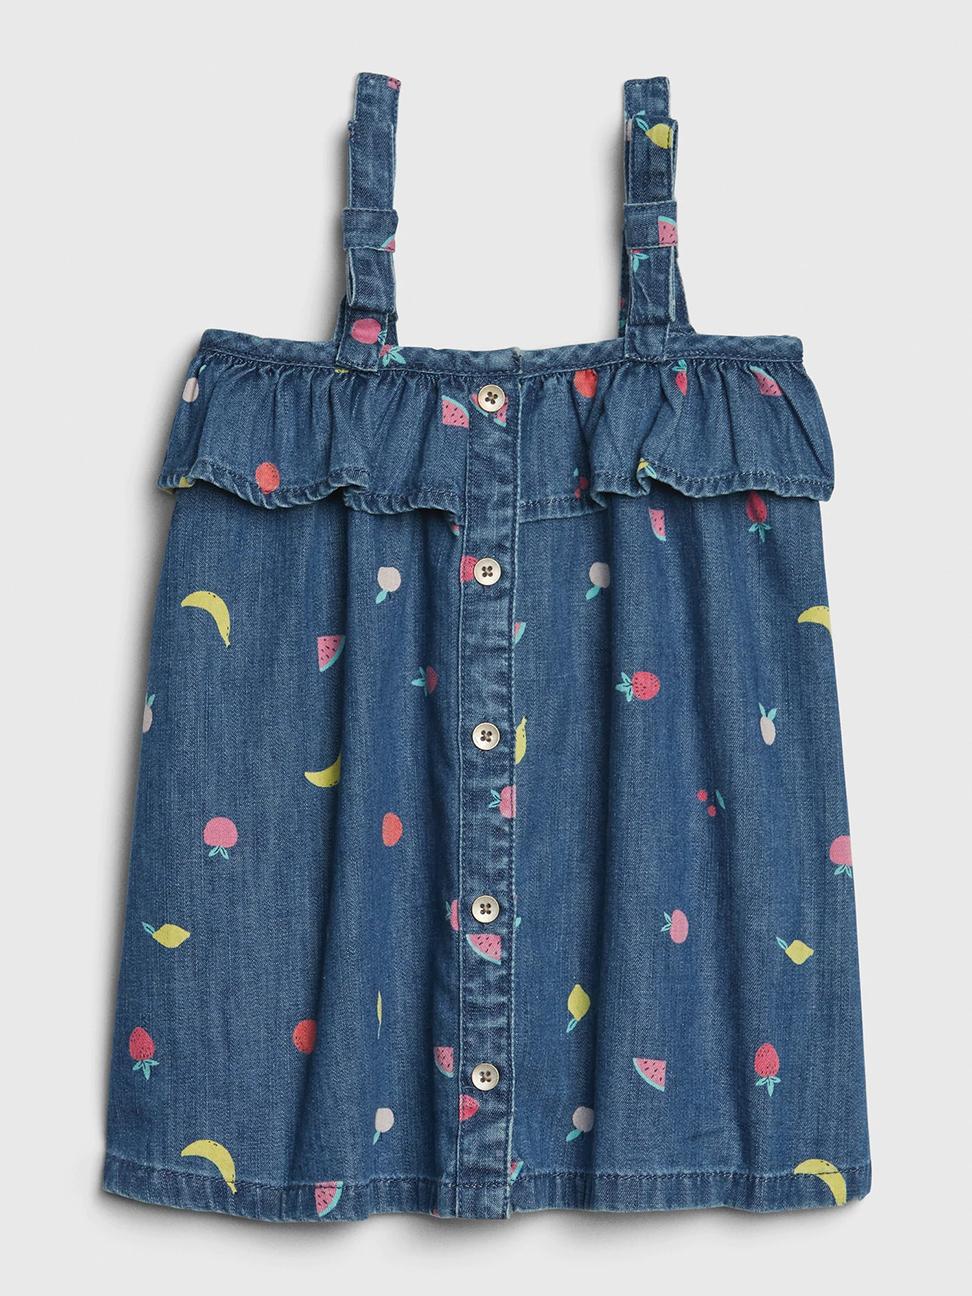 嬰兒 童趣水果印花吊帶洋裝